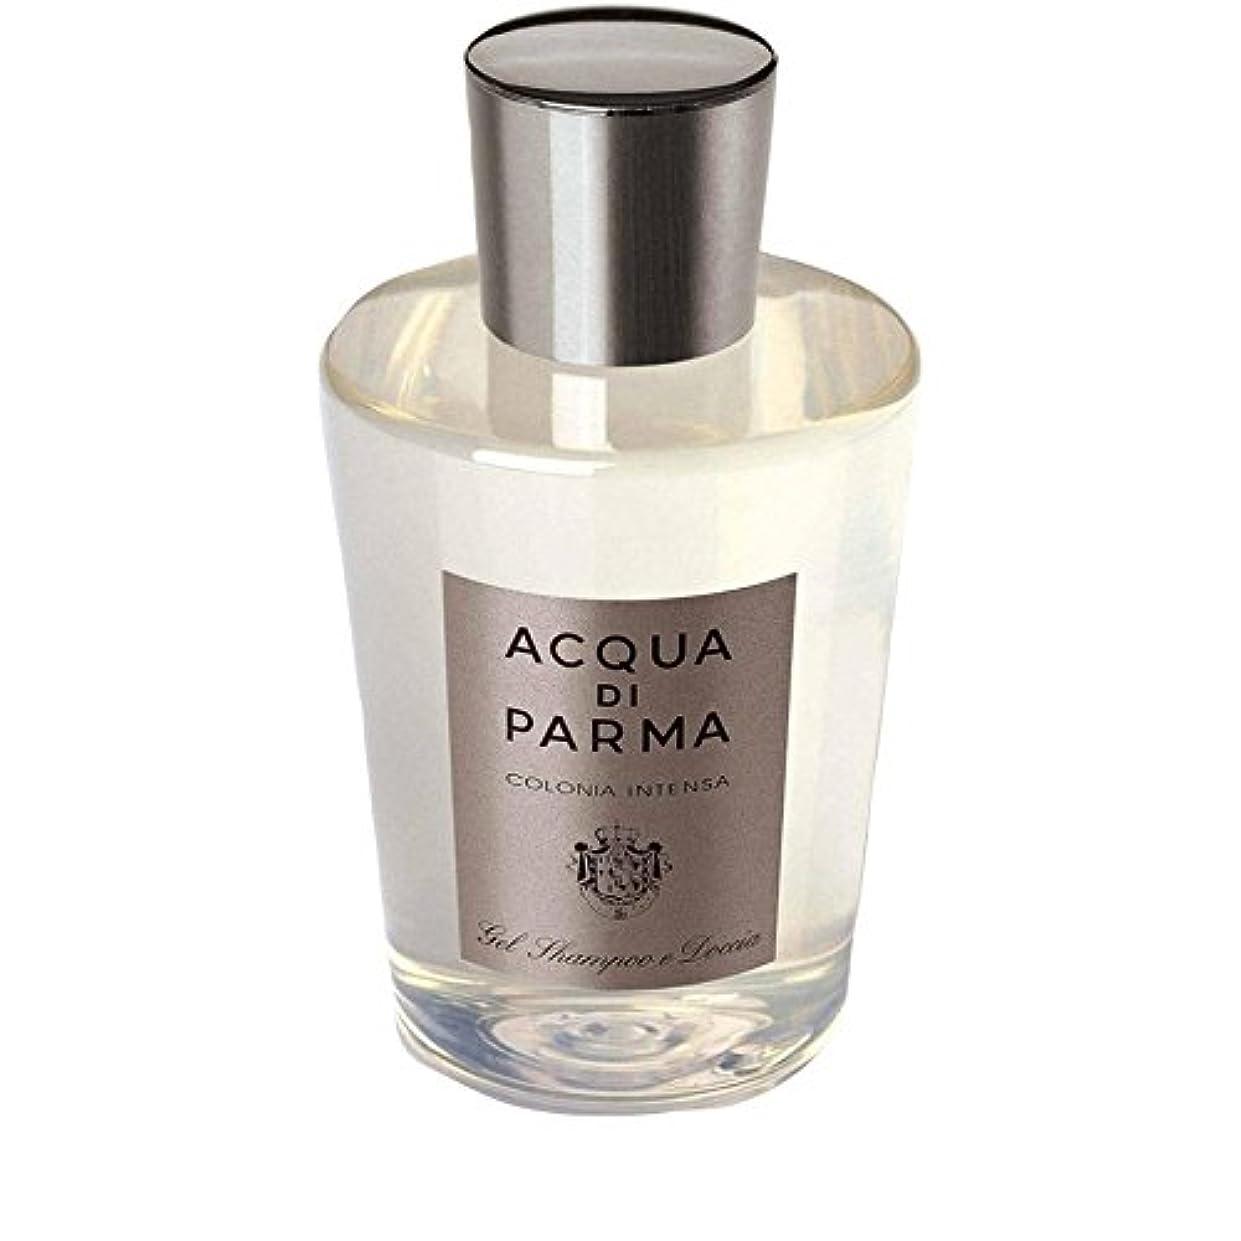 吸う等々和らげるAcqua Di Parma Colonia Intensa Hair And Shower Gel 200ml - アクアディパルマコロニア髪とシャワージェル200 [並行輸入品]